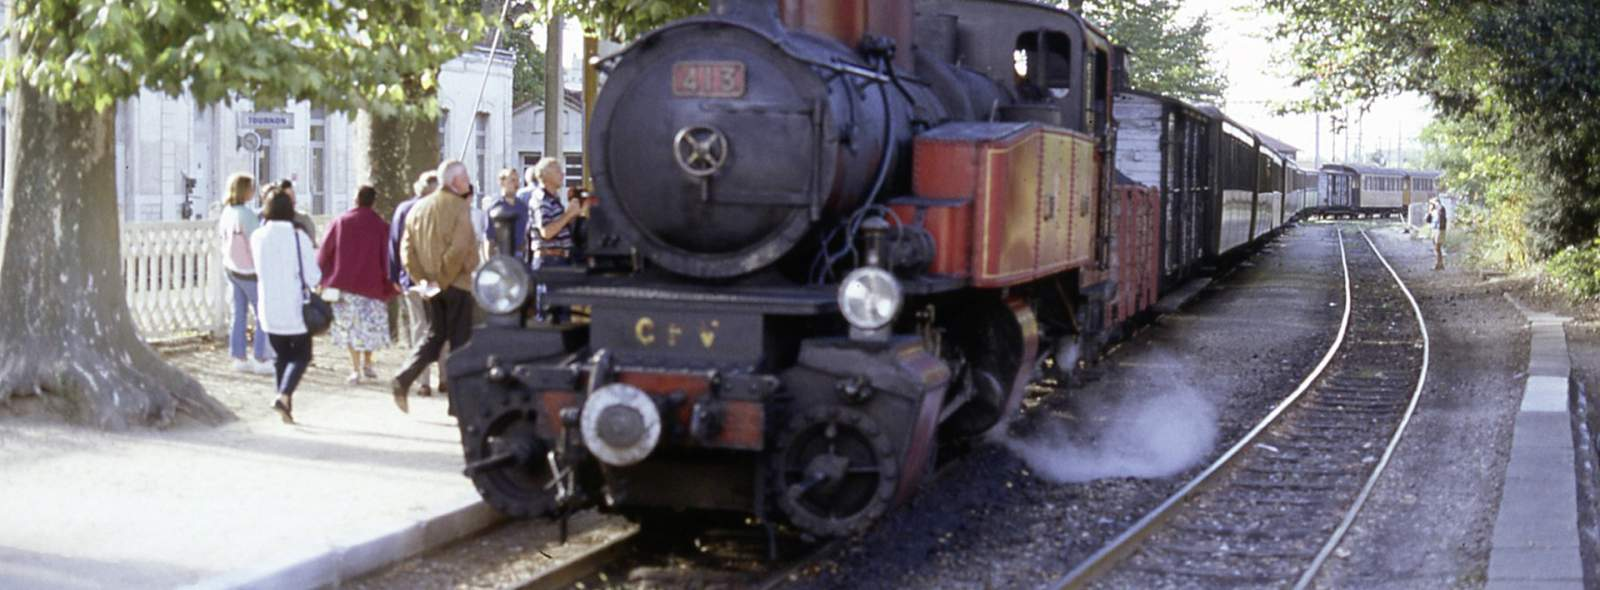 Réouverture en 2013 du Trains du Vivarais dit le Mastrou ( Enfin une bonne nouvelle)